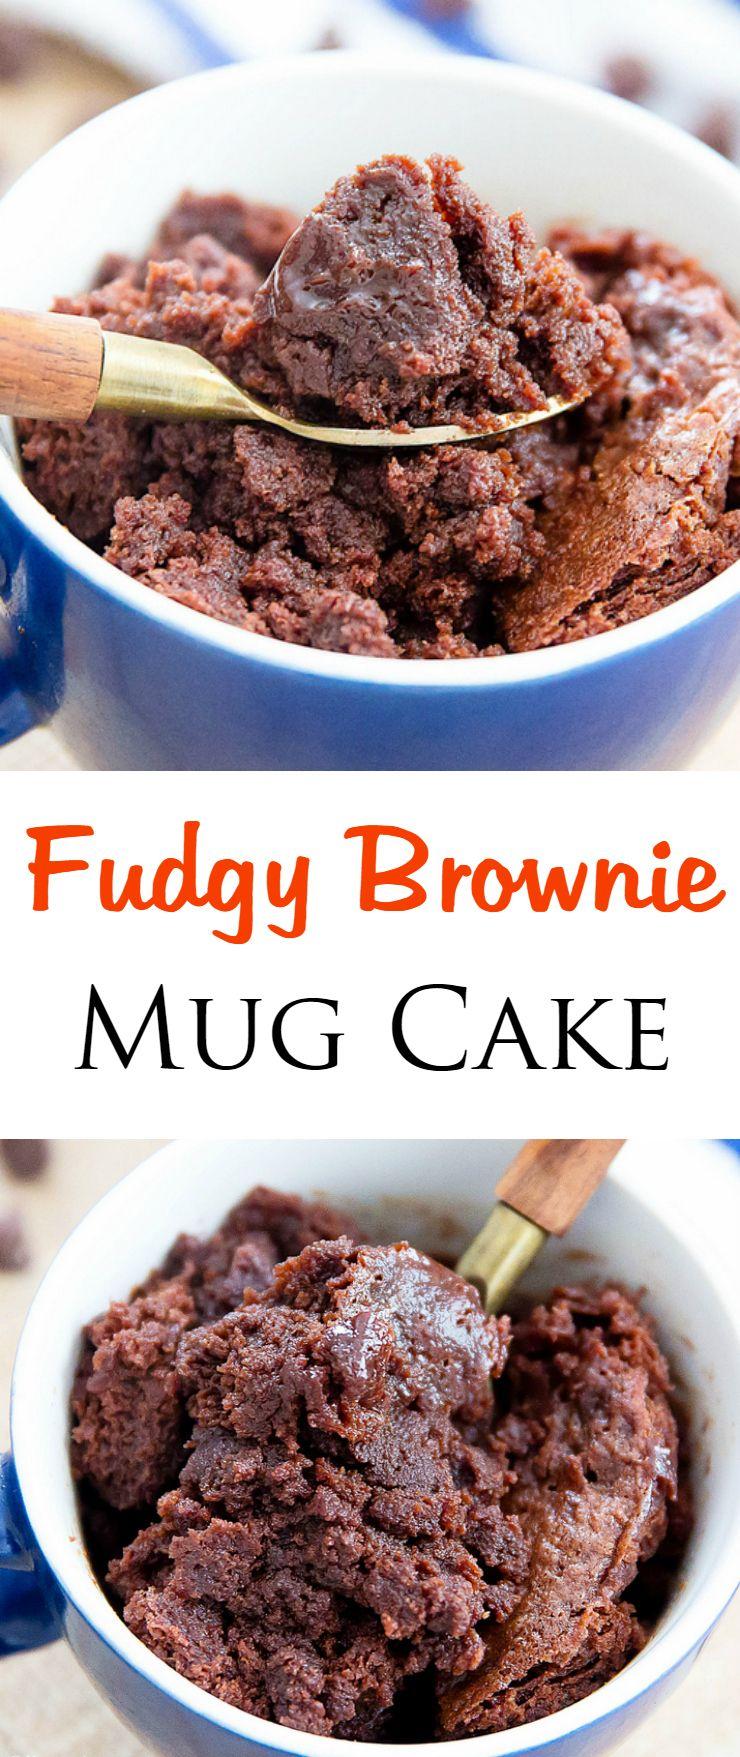 Brownie Mug Cake | Recipe | Mug recipes, Food, Dessert recipes